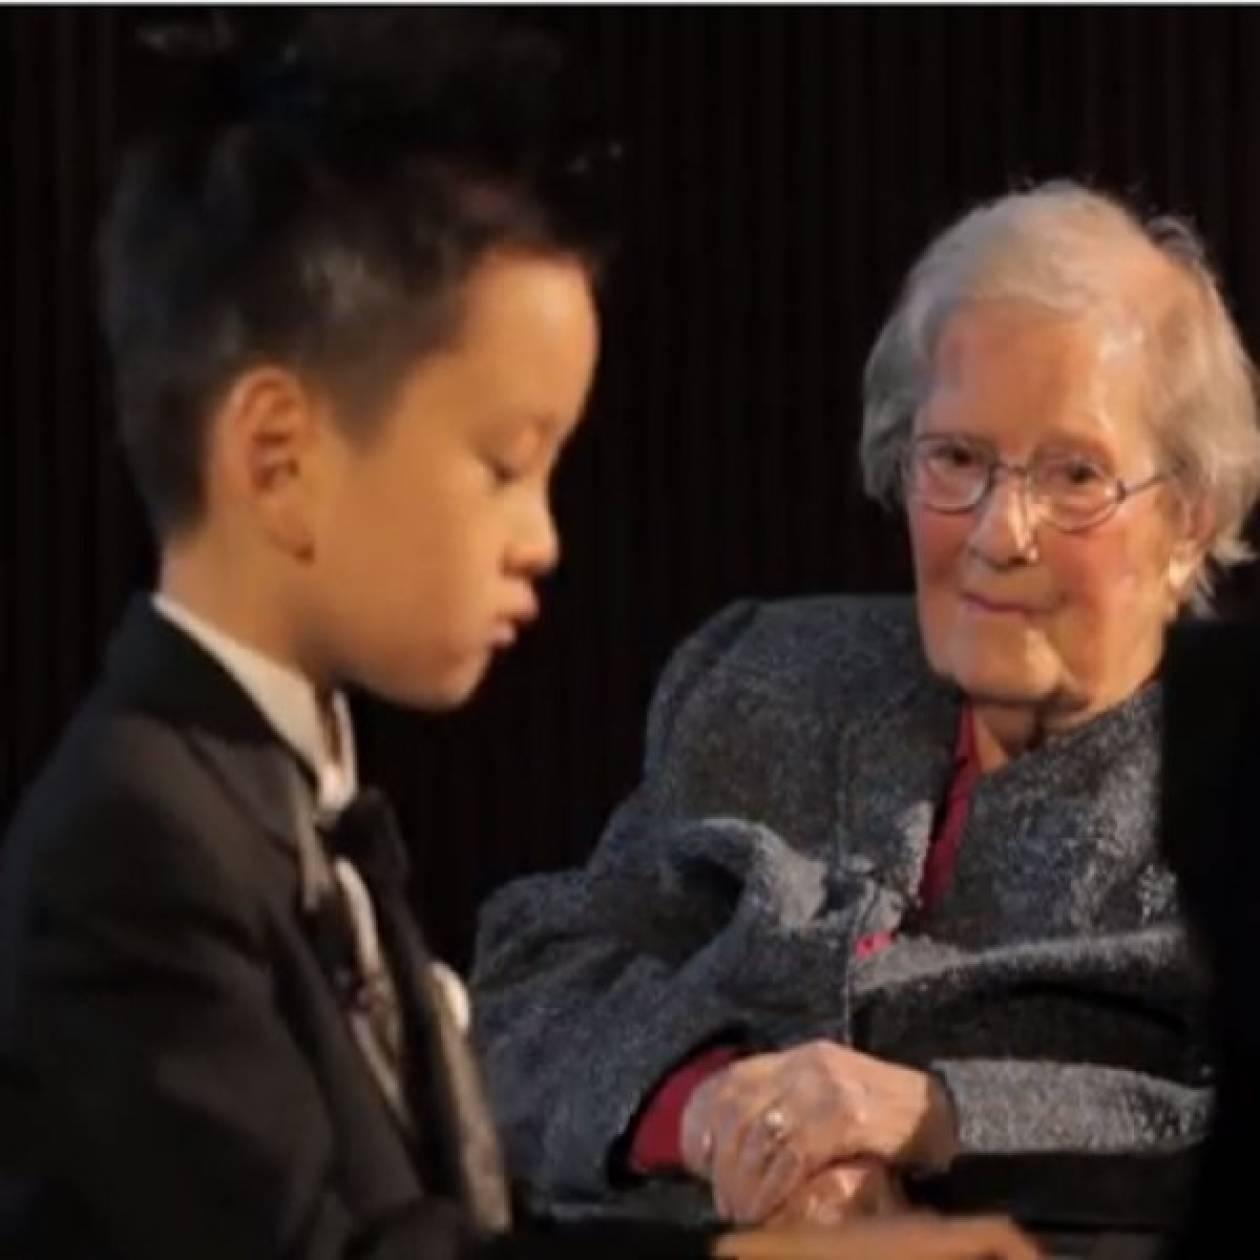 5χρονος πιανίστας παίζει για μια θαυμάστριά του, ηλικίας 101 ετών